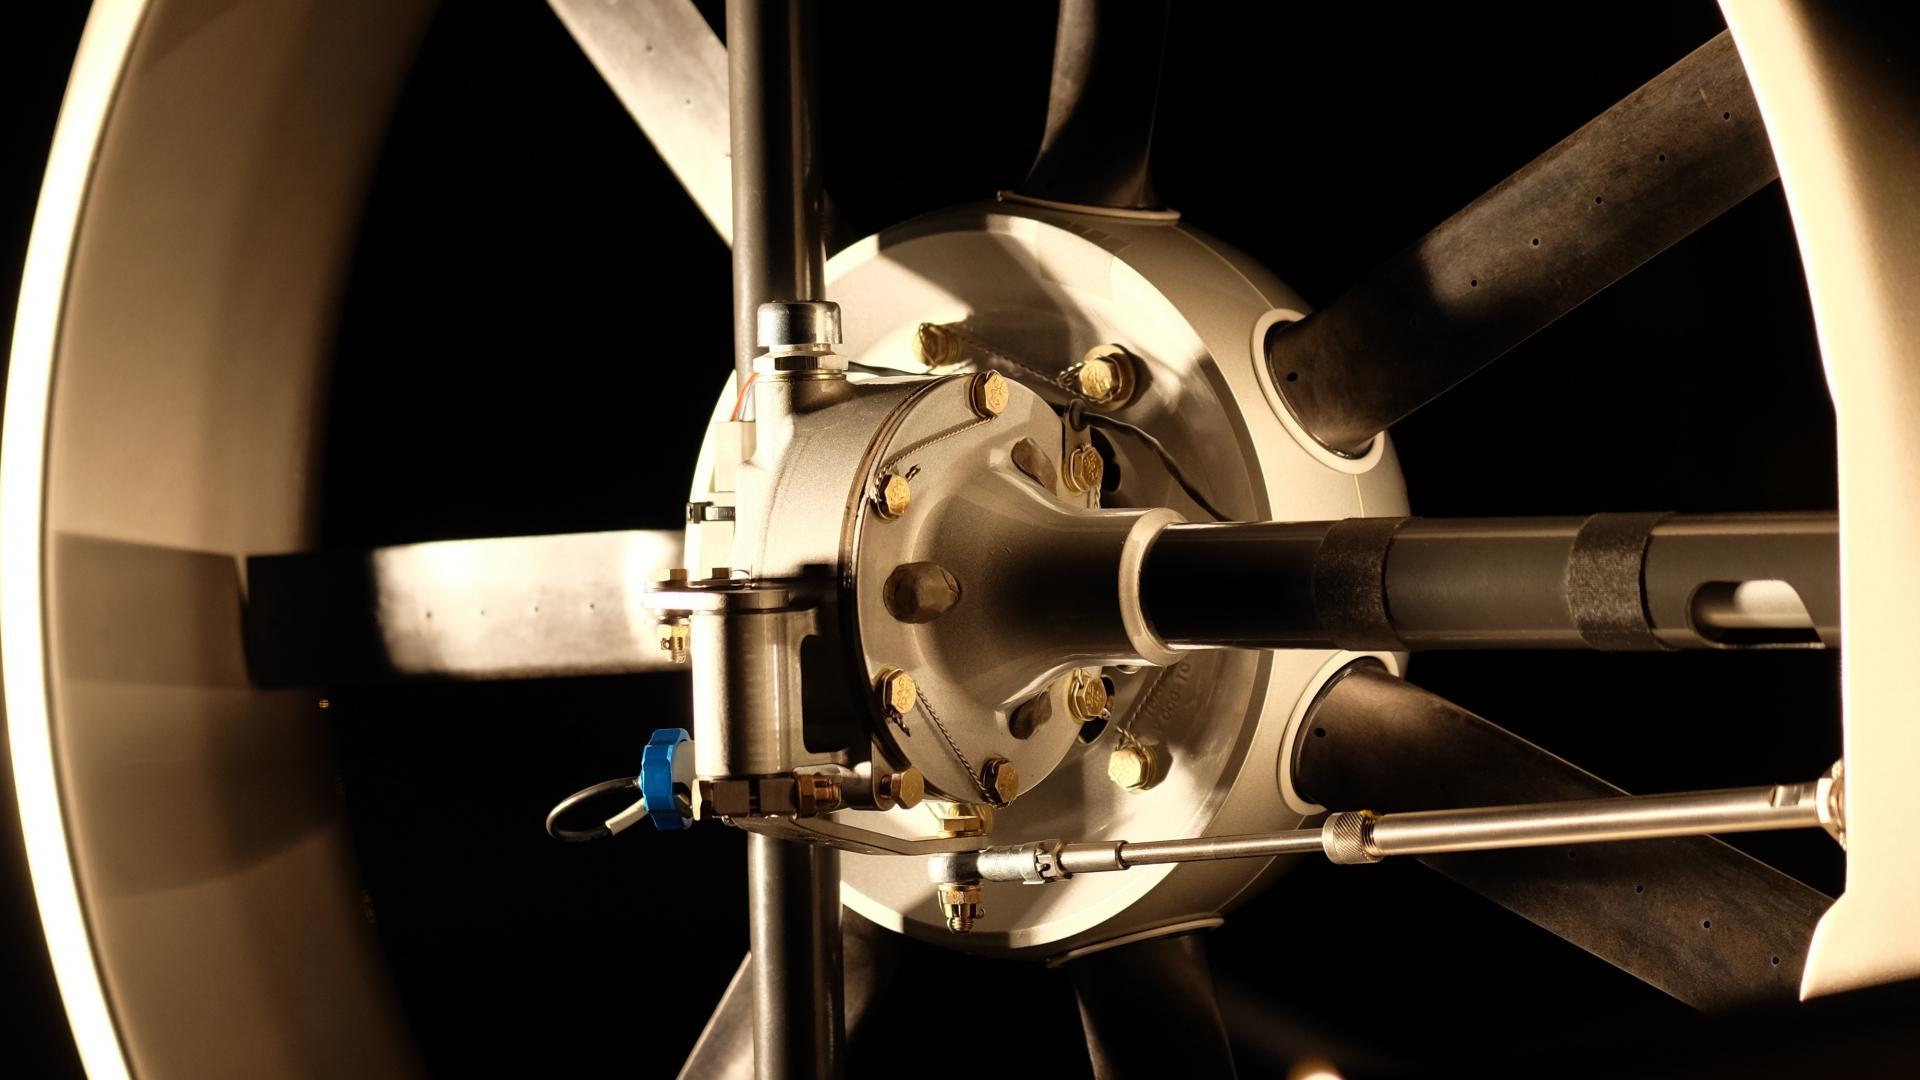 Rotor de type fenestron Cabri G2